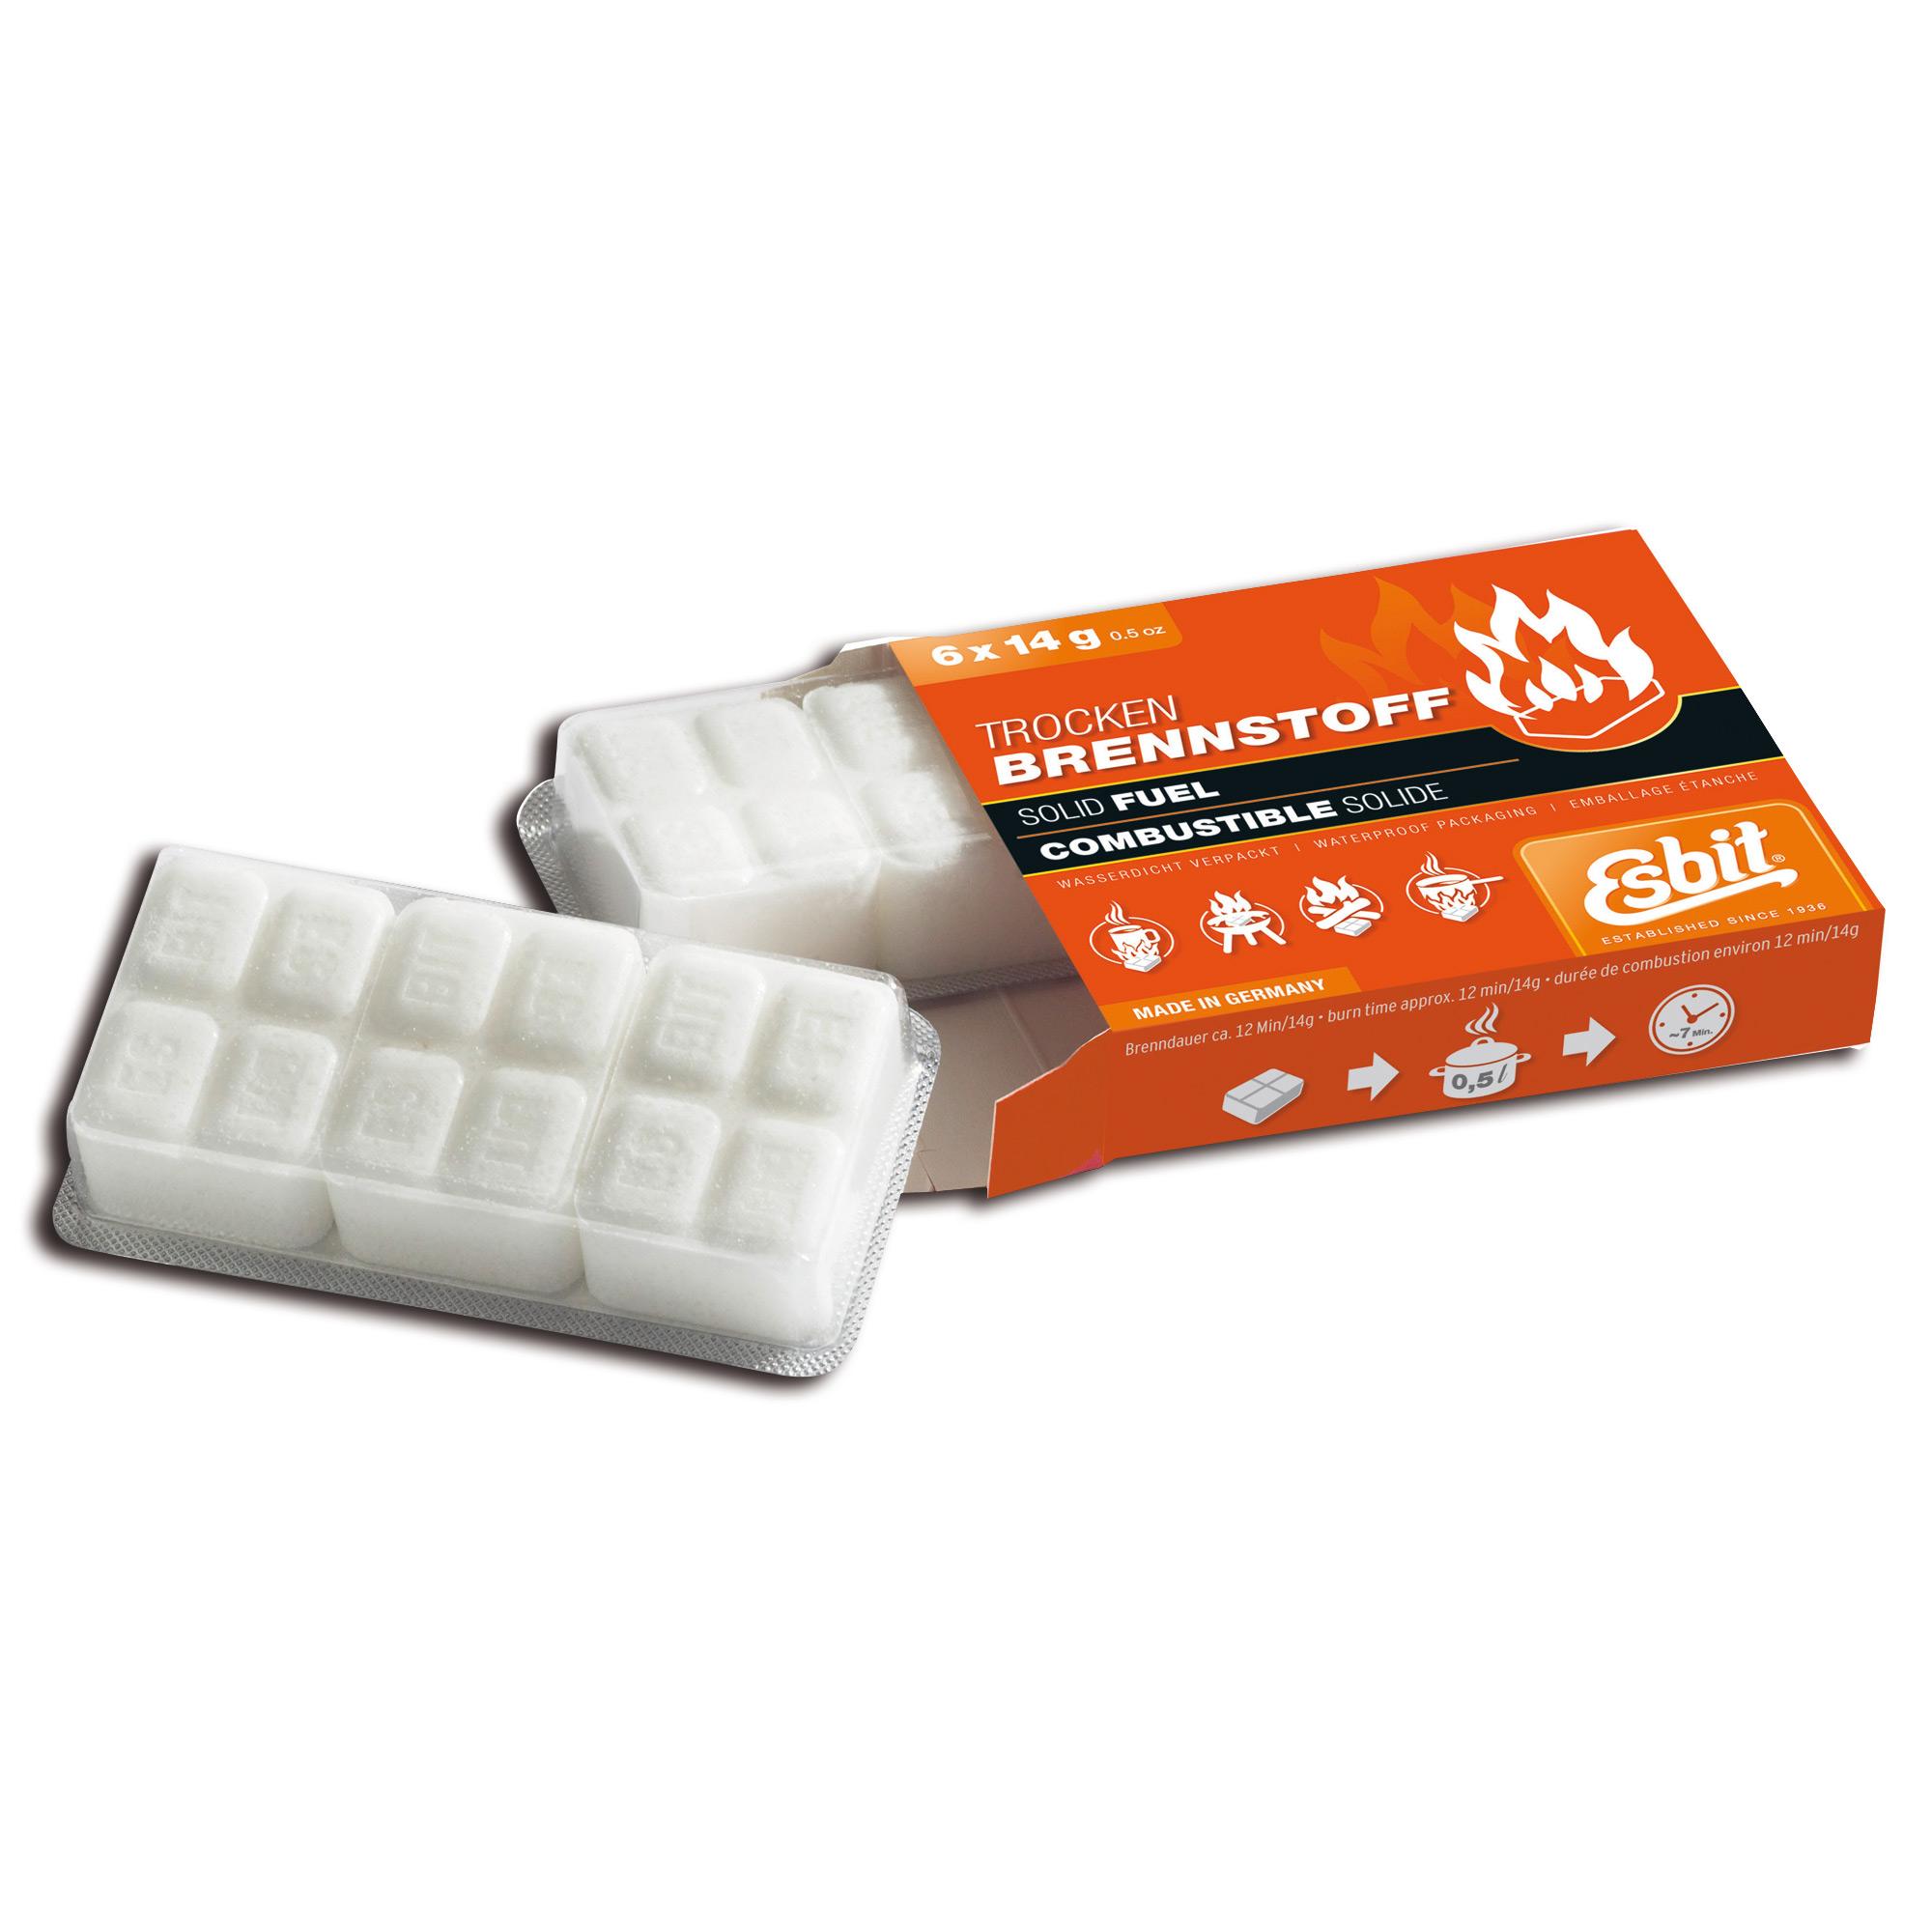 Esbitwürfel klein 6 Tabletten à 14 g